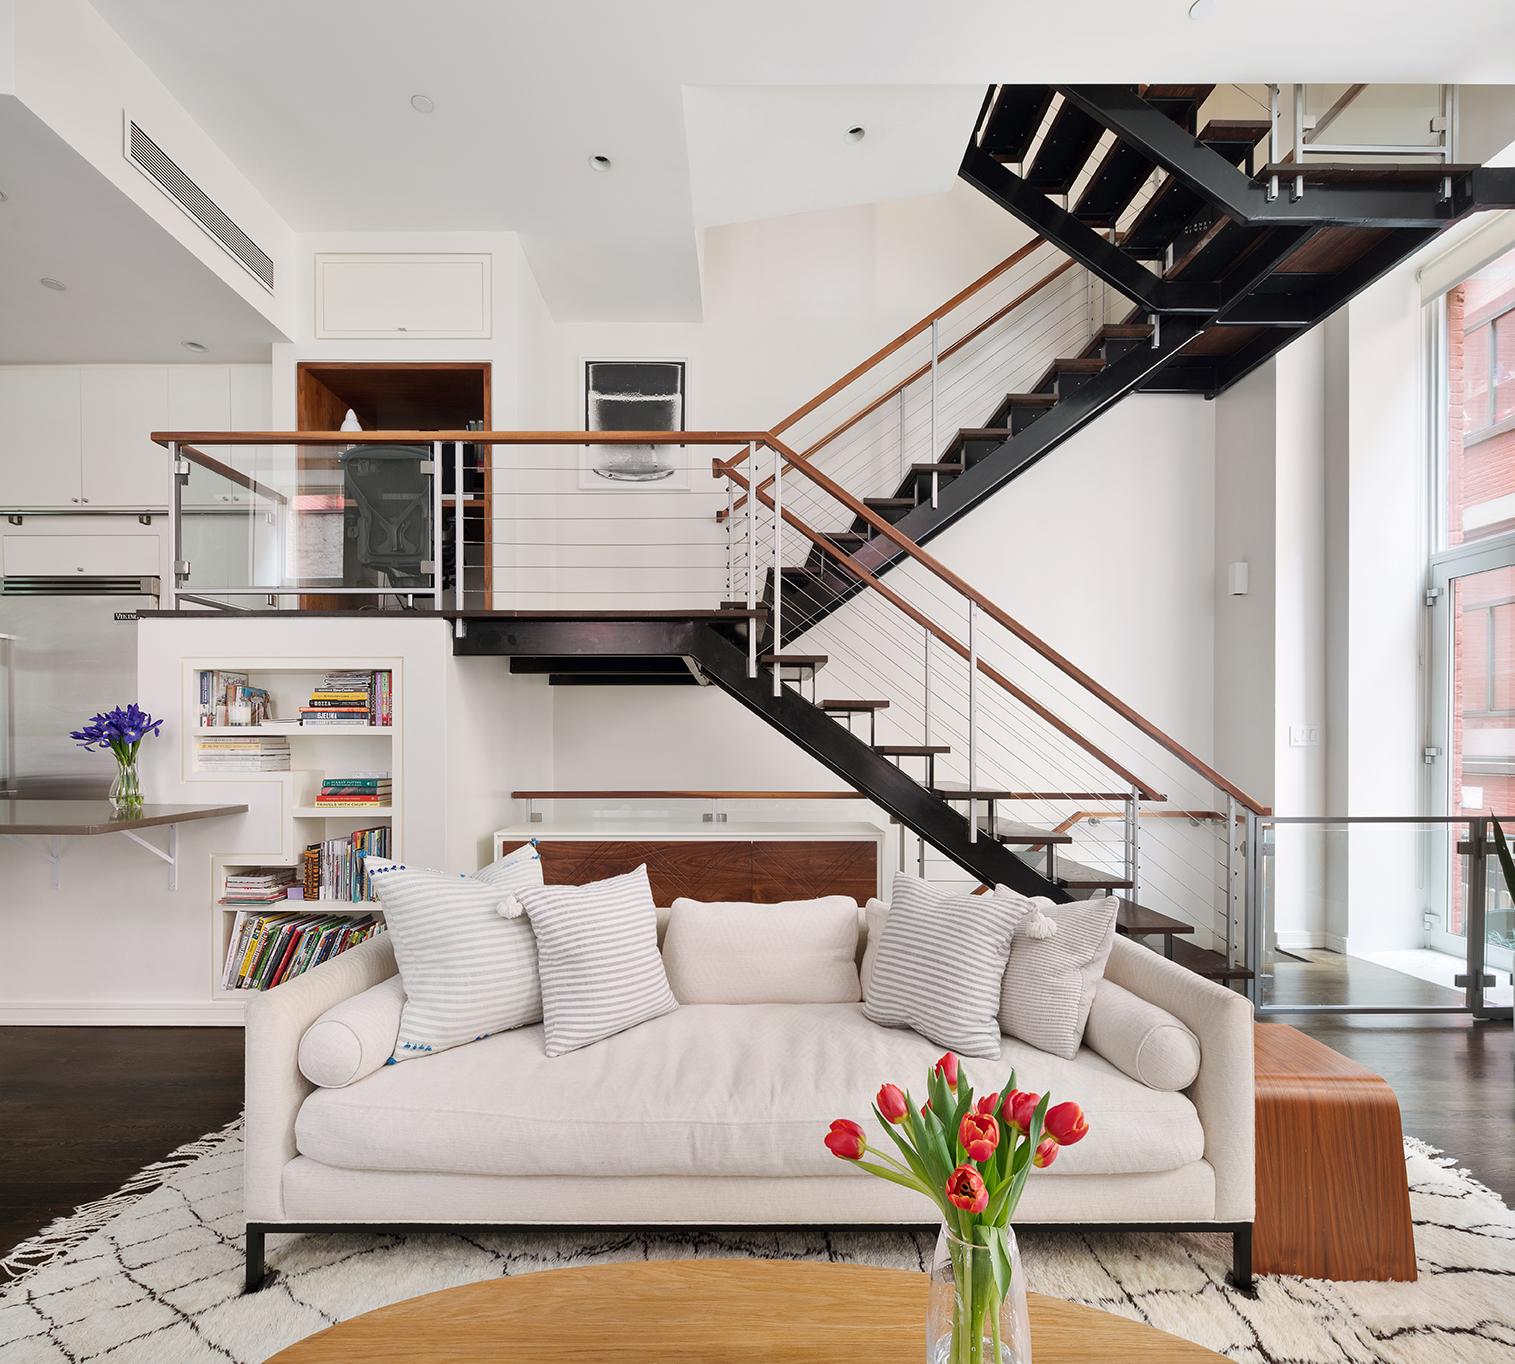 Market Street Village Apartments: 303 Mercer Street - NYC Apartments